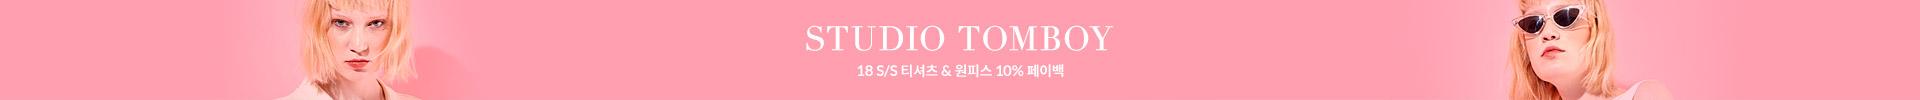 STUDIO TOMBOY 18 S/S 티셔츠 & 원피스 10% 페이백